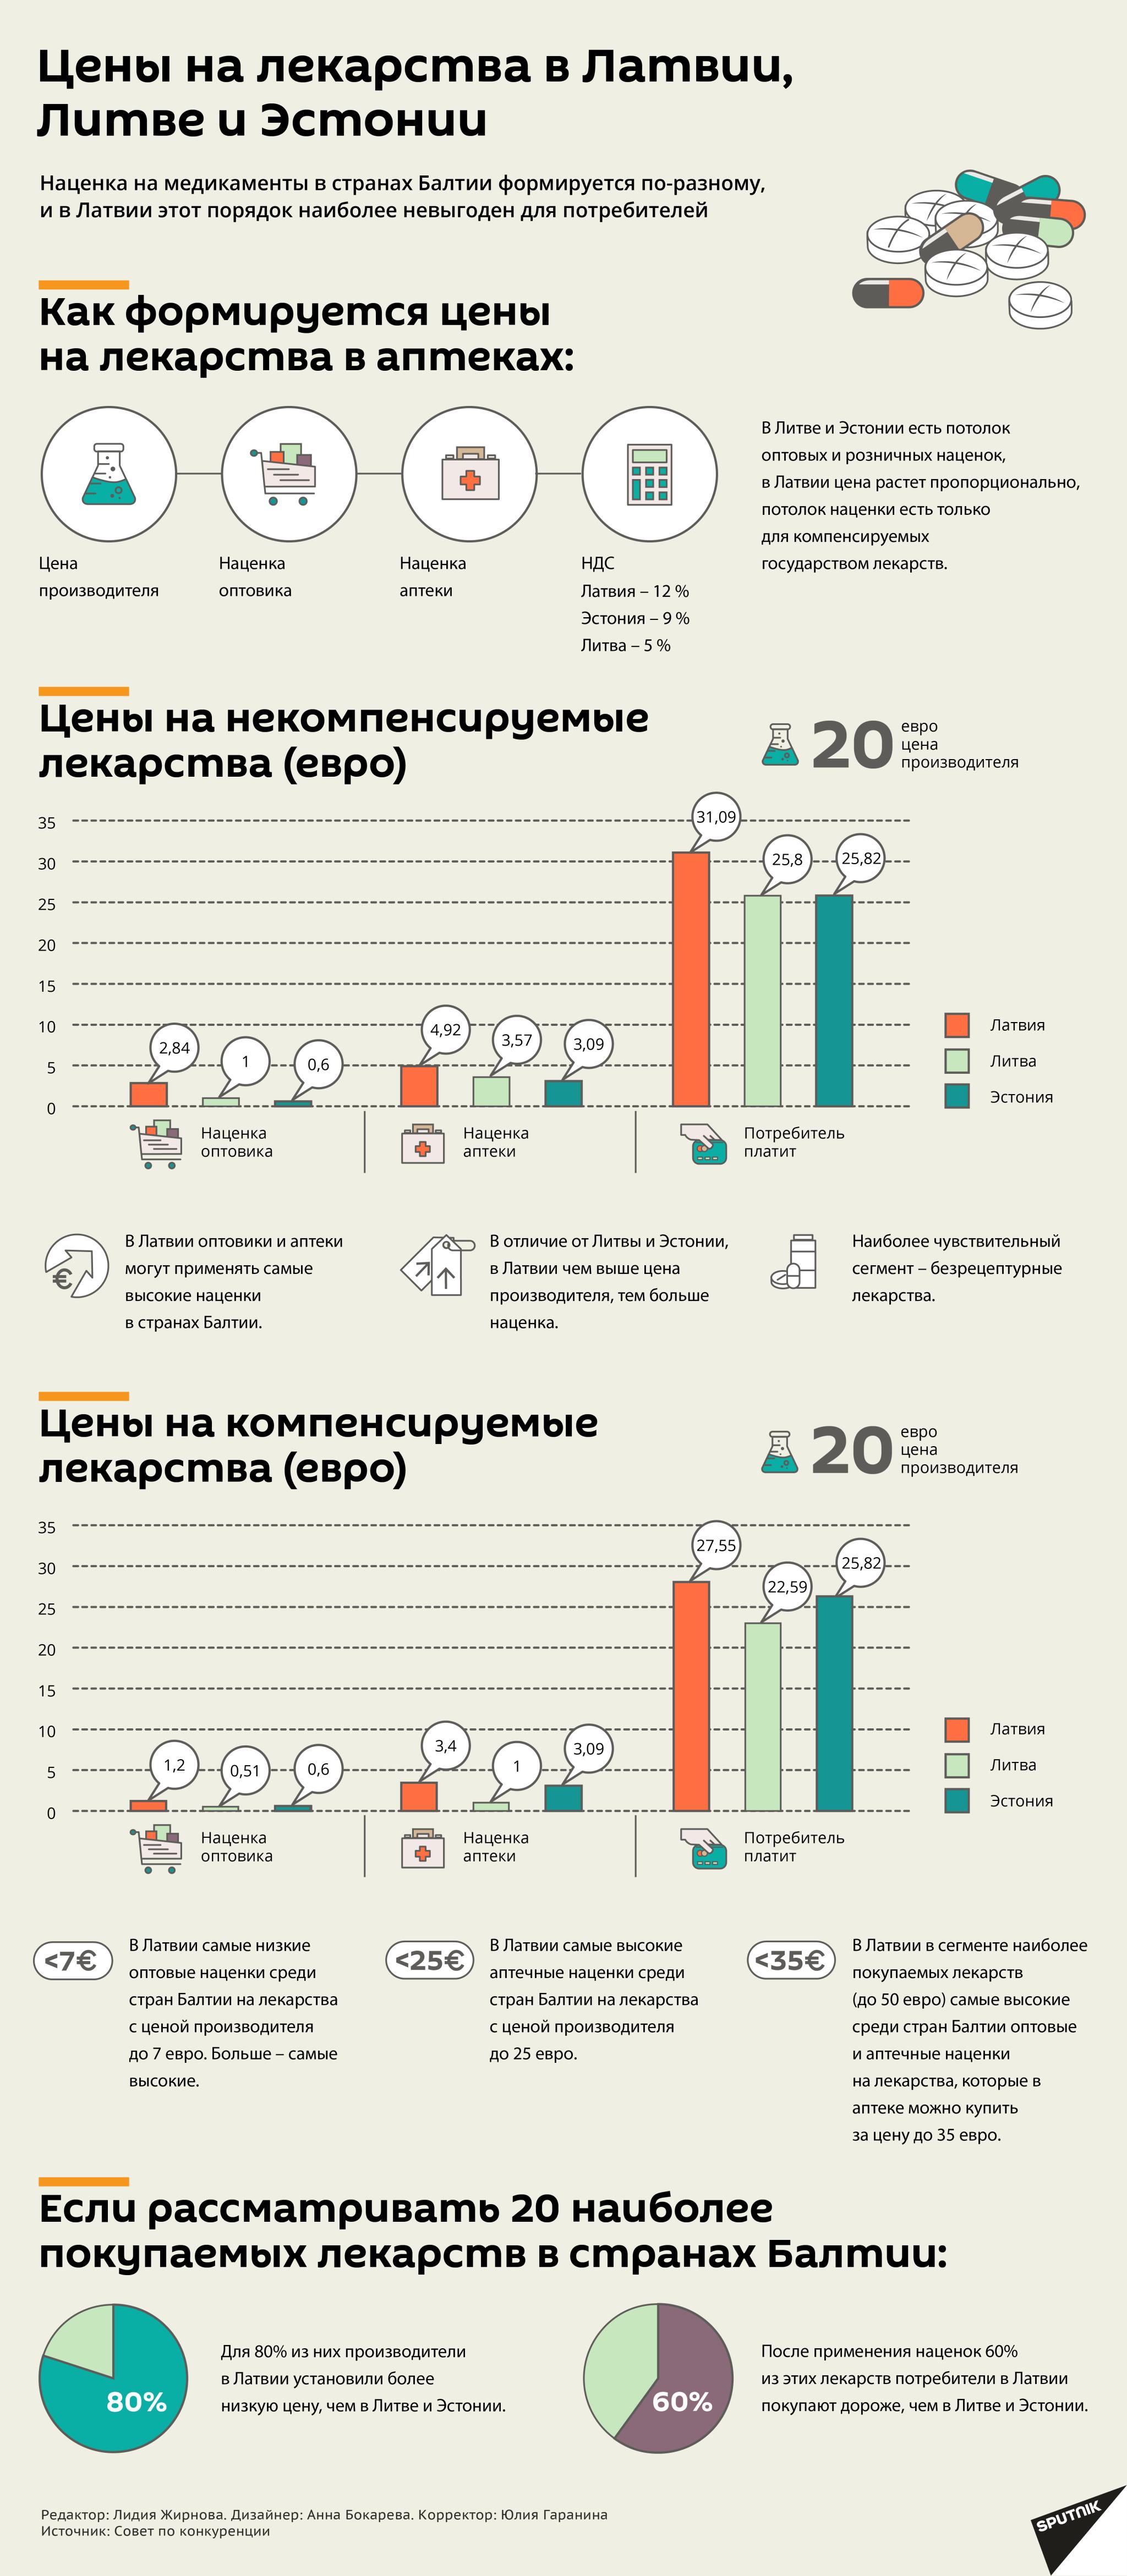 Цены на лекарства в Латвии, Литве и Эстонии - Sputnik Латвия